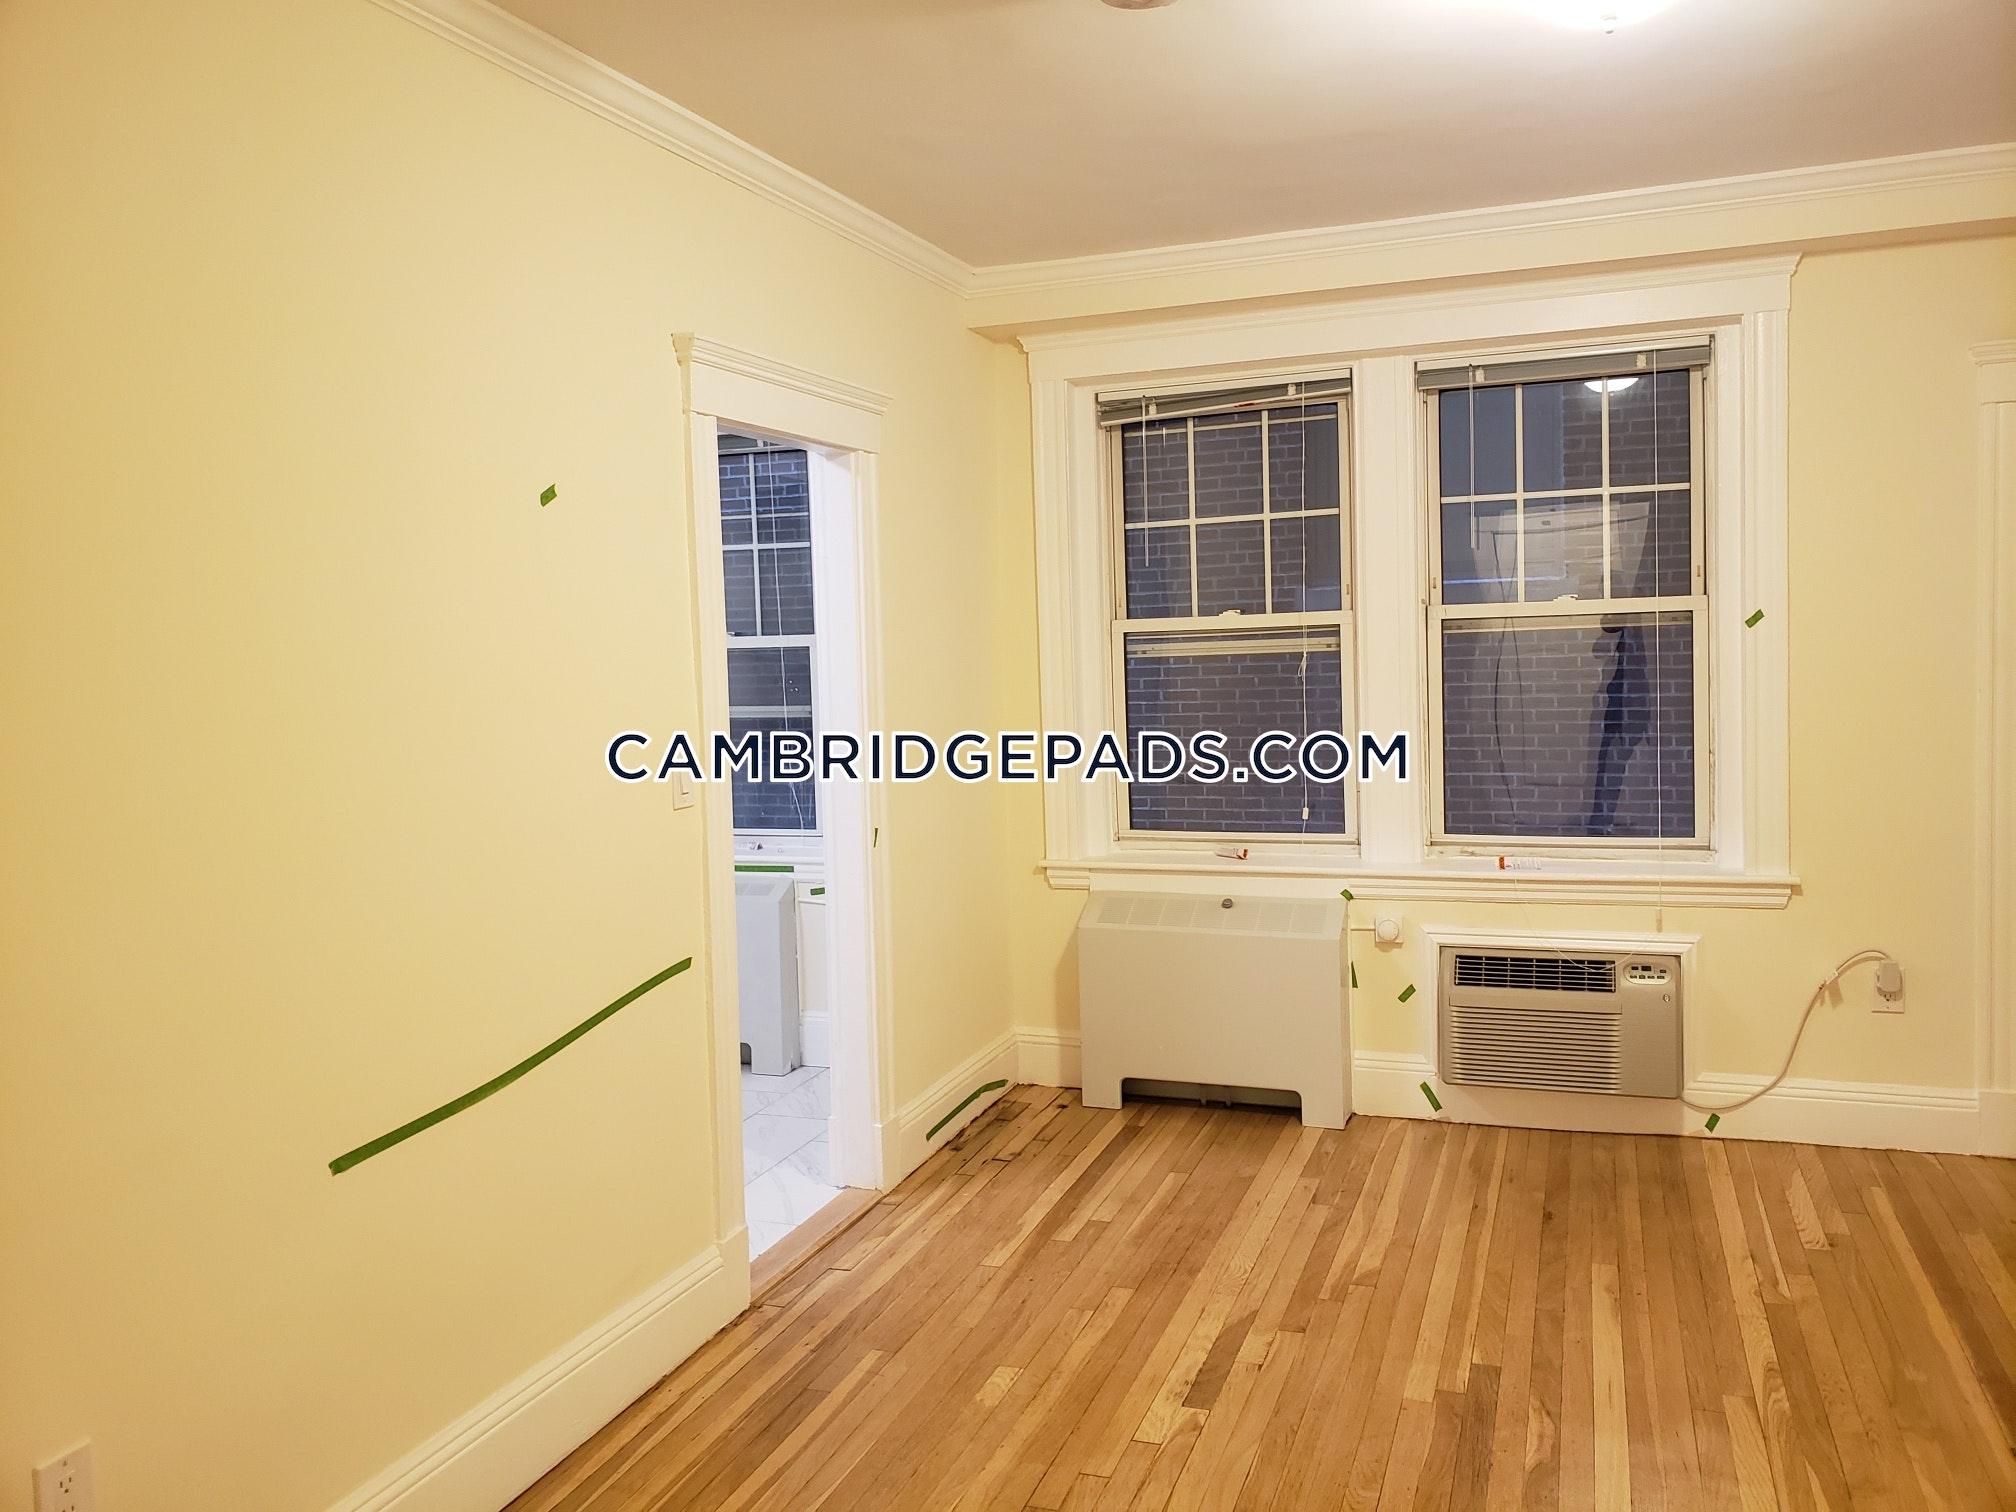 CAMBRIDGE - HARVARD SQUARE - $2,175